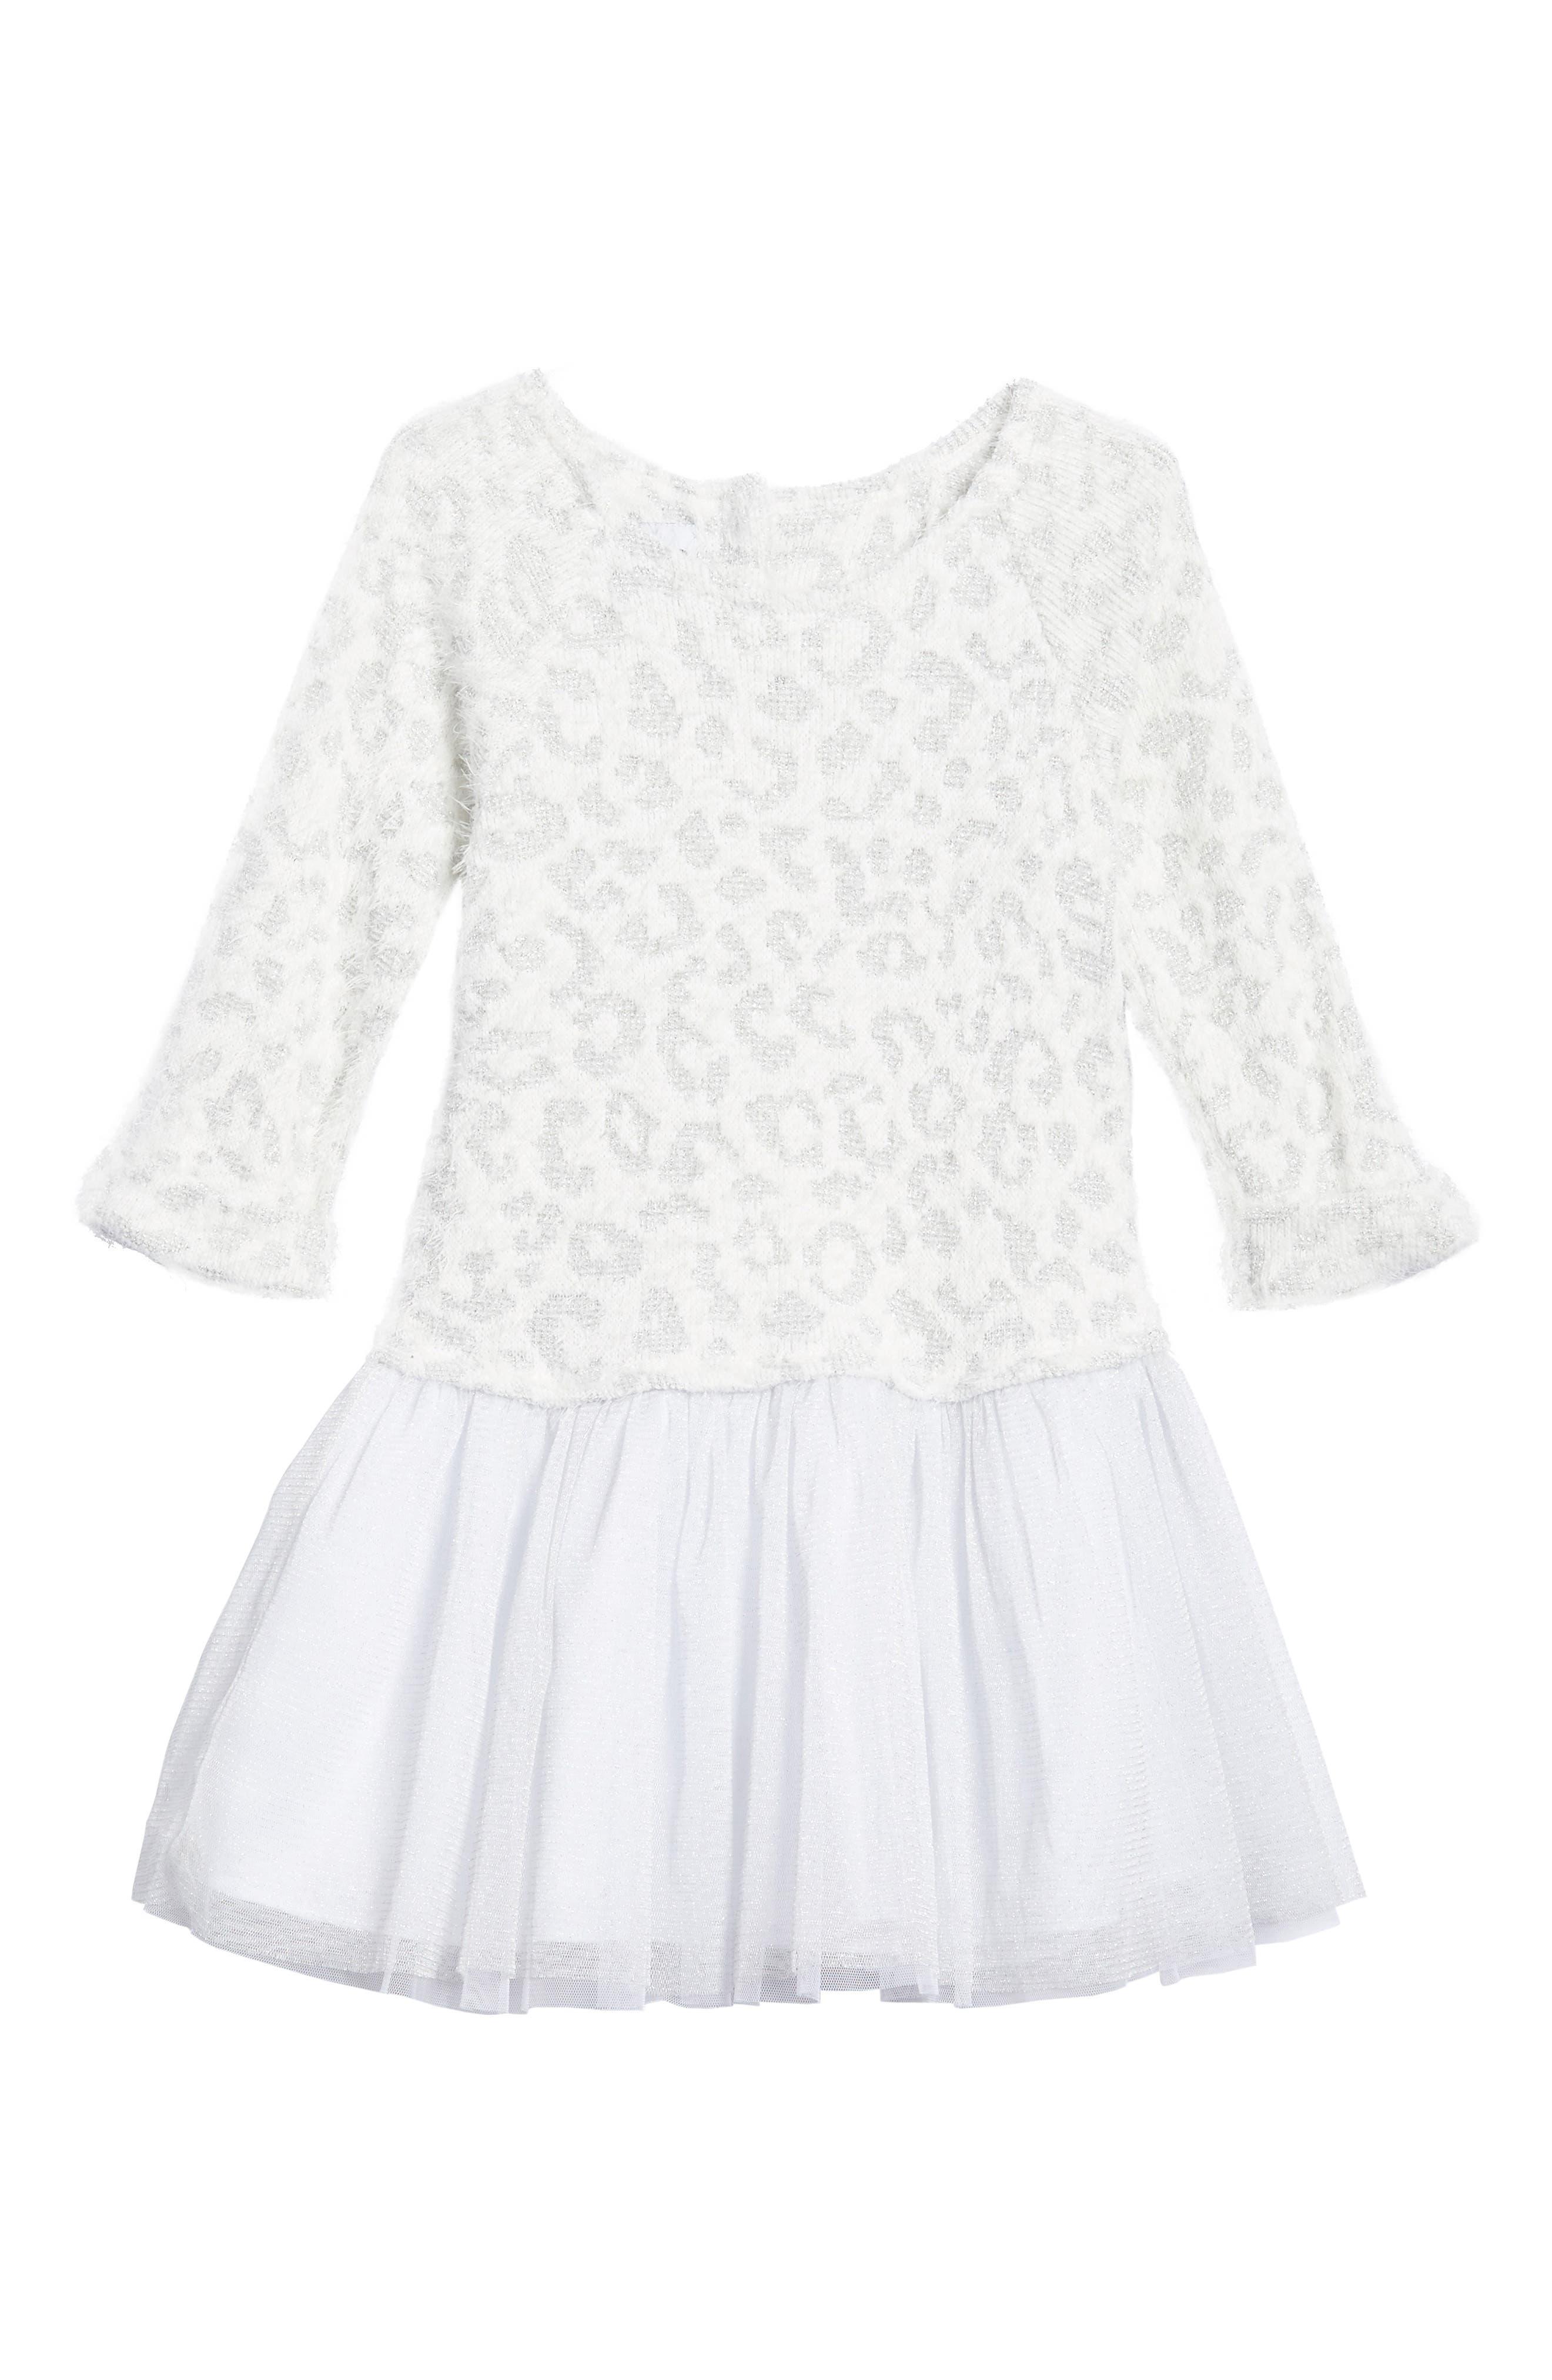 Main Image - Pippa & Julie Animal Print Sweater Tutu Dress (Toddler Girls & Little Girls)